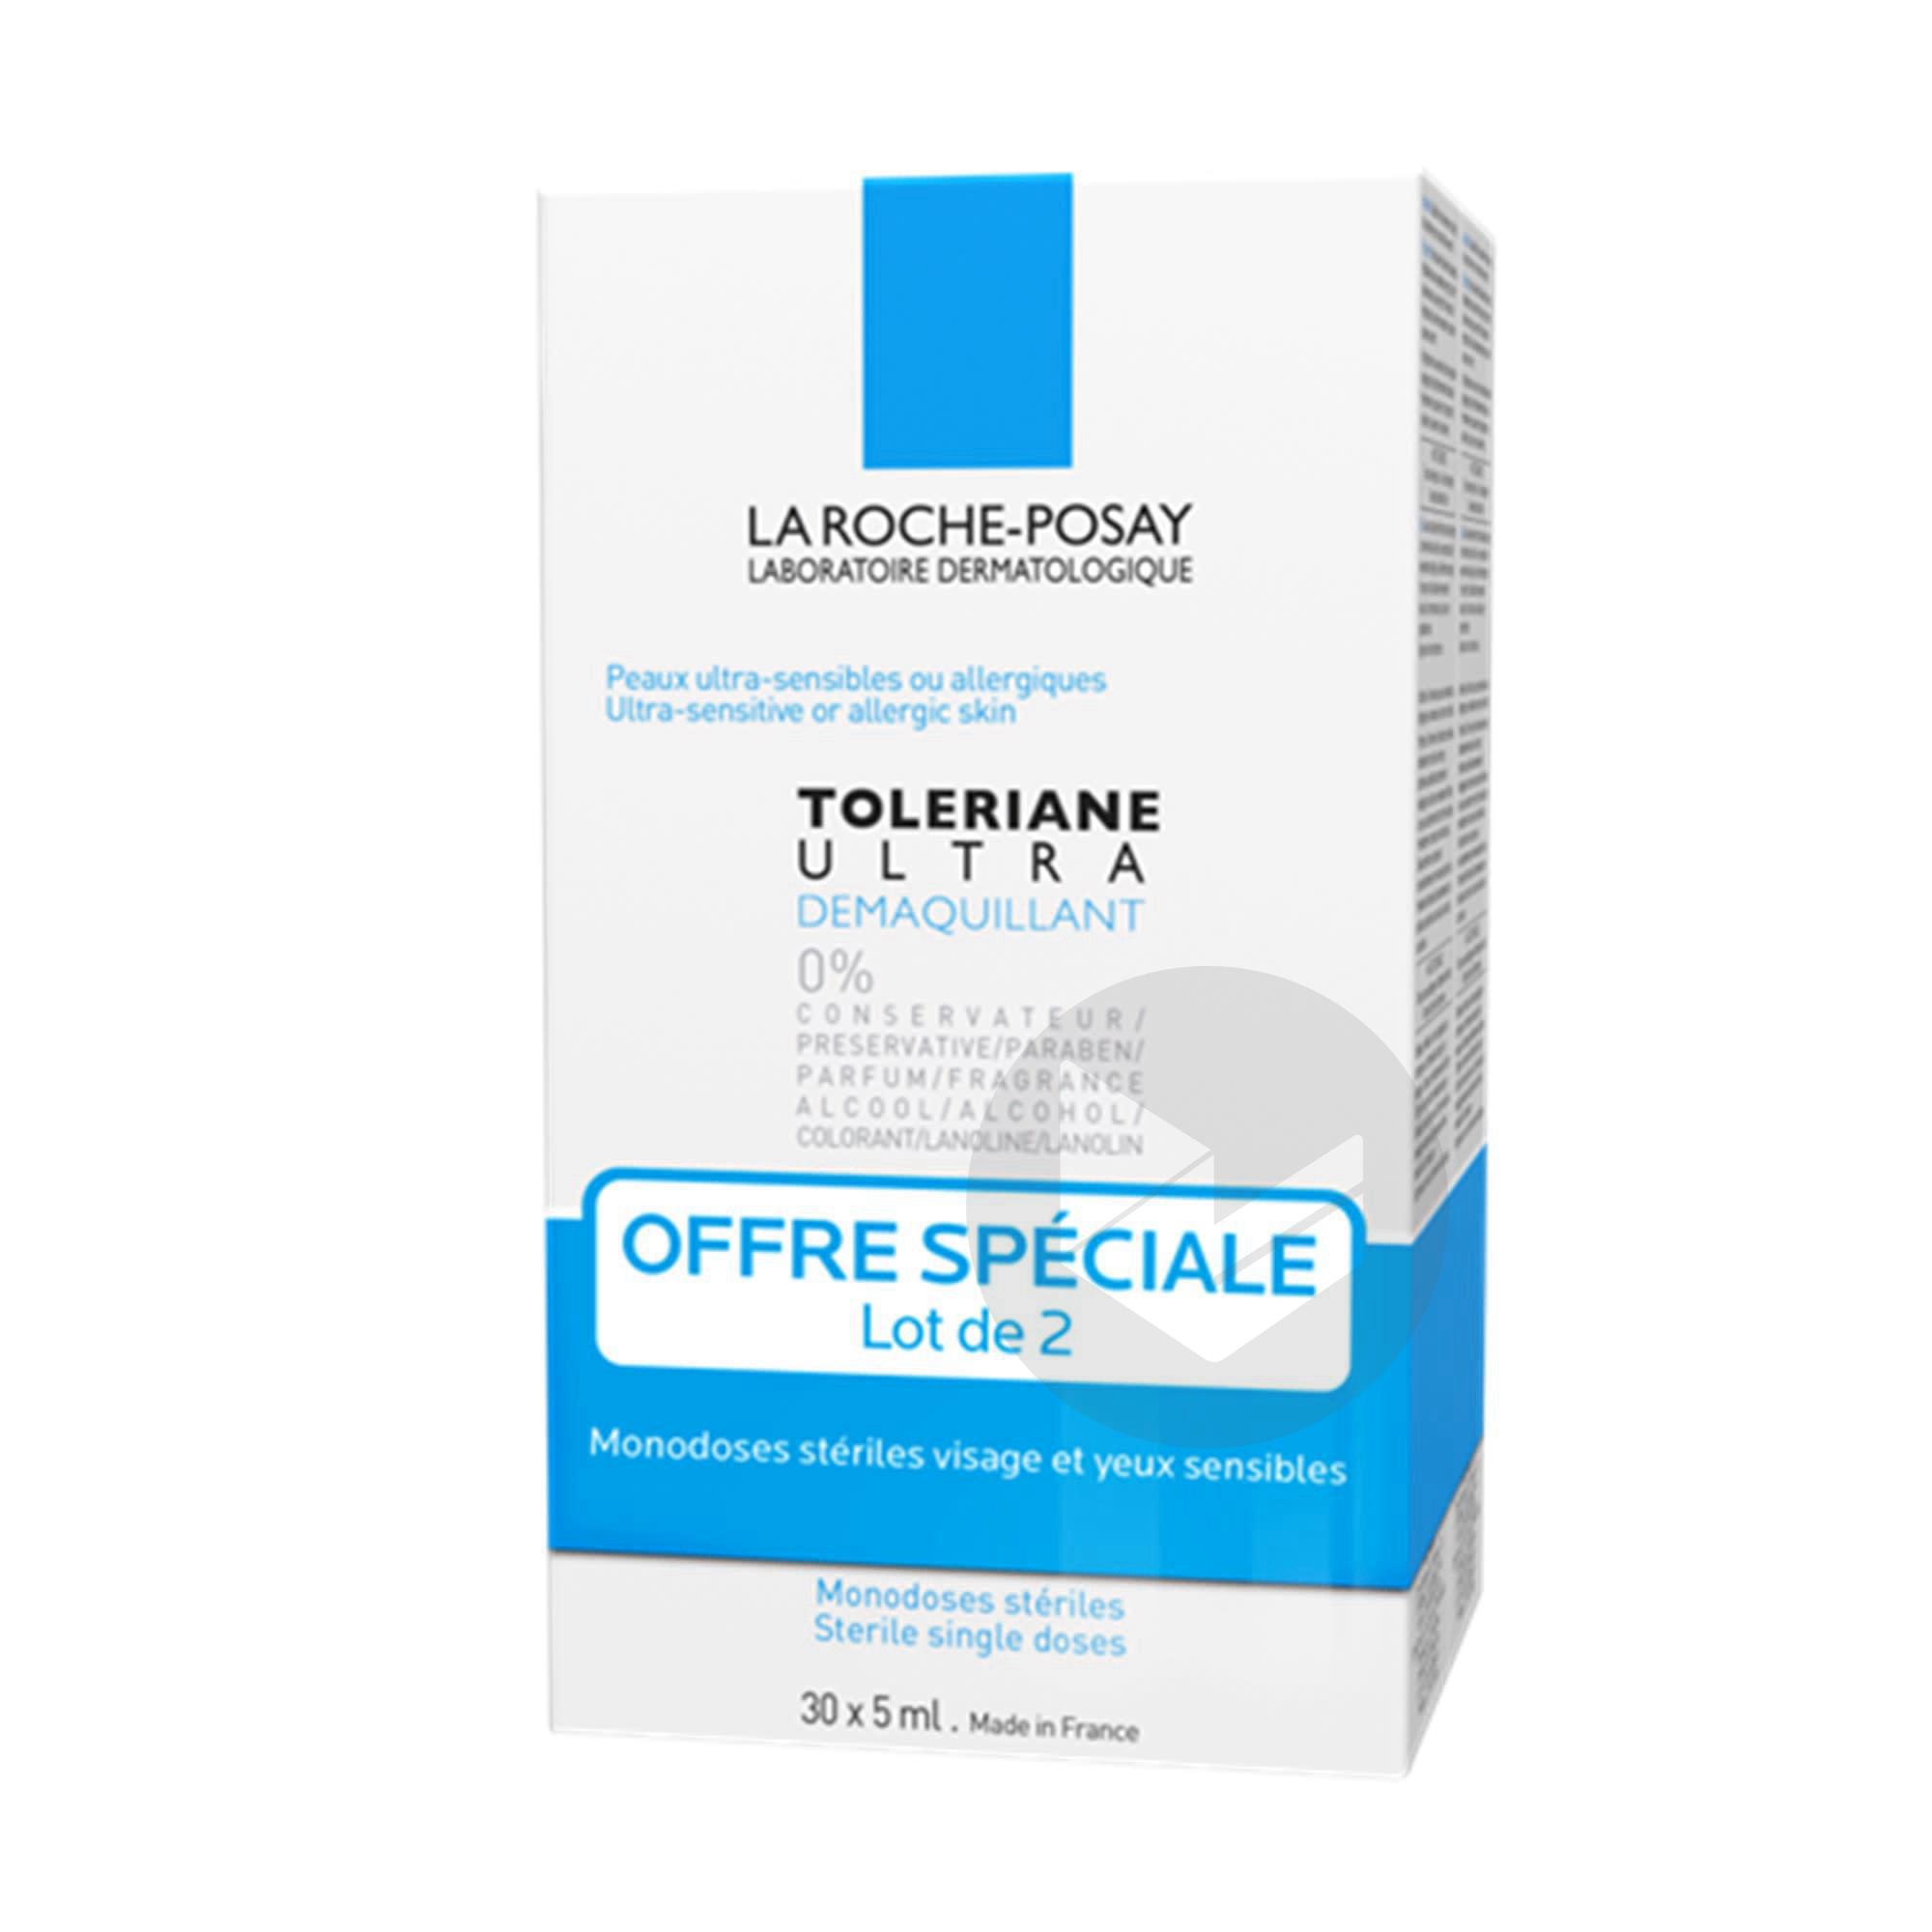 Lot 2 Toleriane Ultra Demaquillant Visage Et Yeux Peaux Ultra Sensibles A Allergiques 2 Monodoses Steriles 30 X 5 Ml